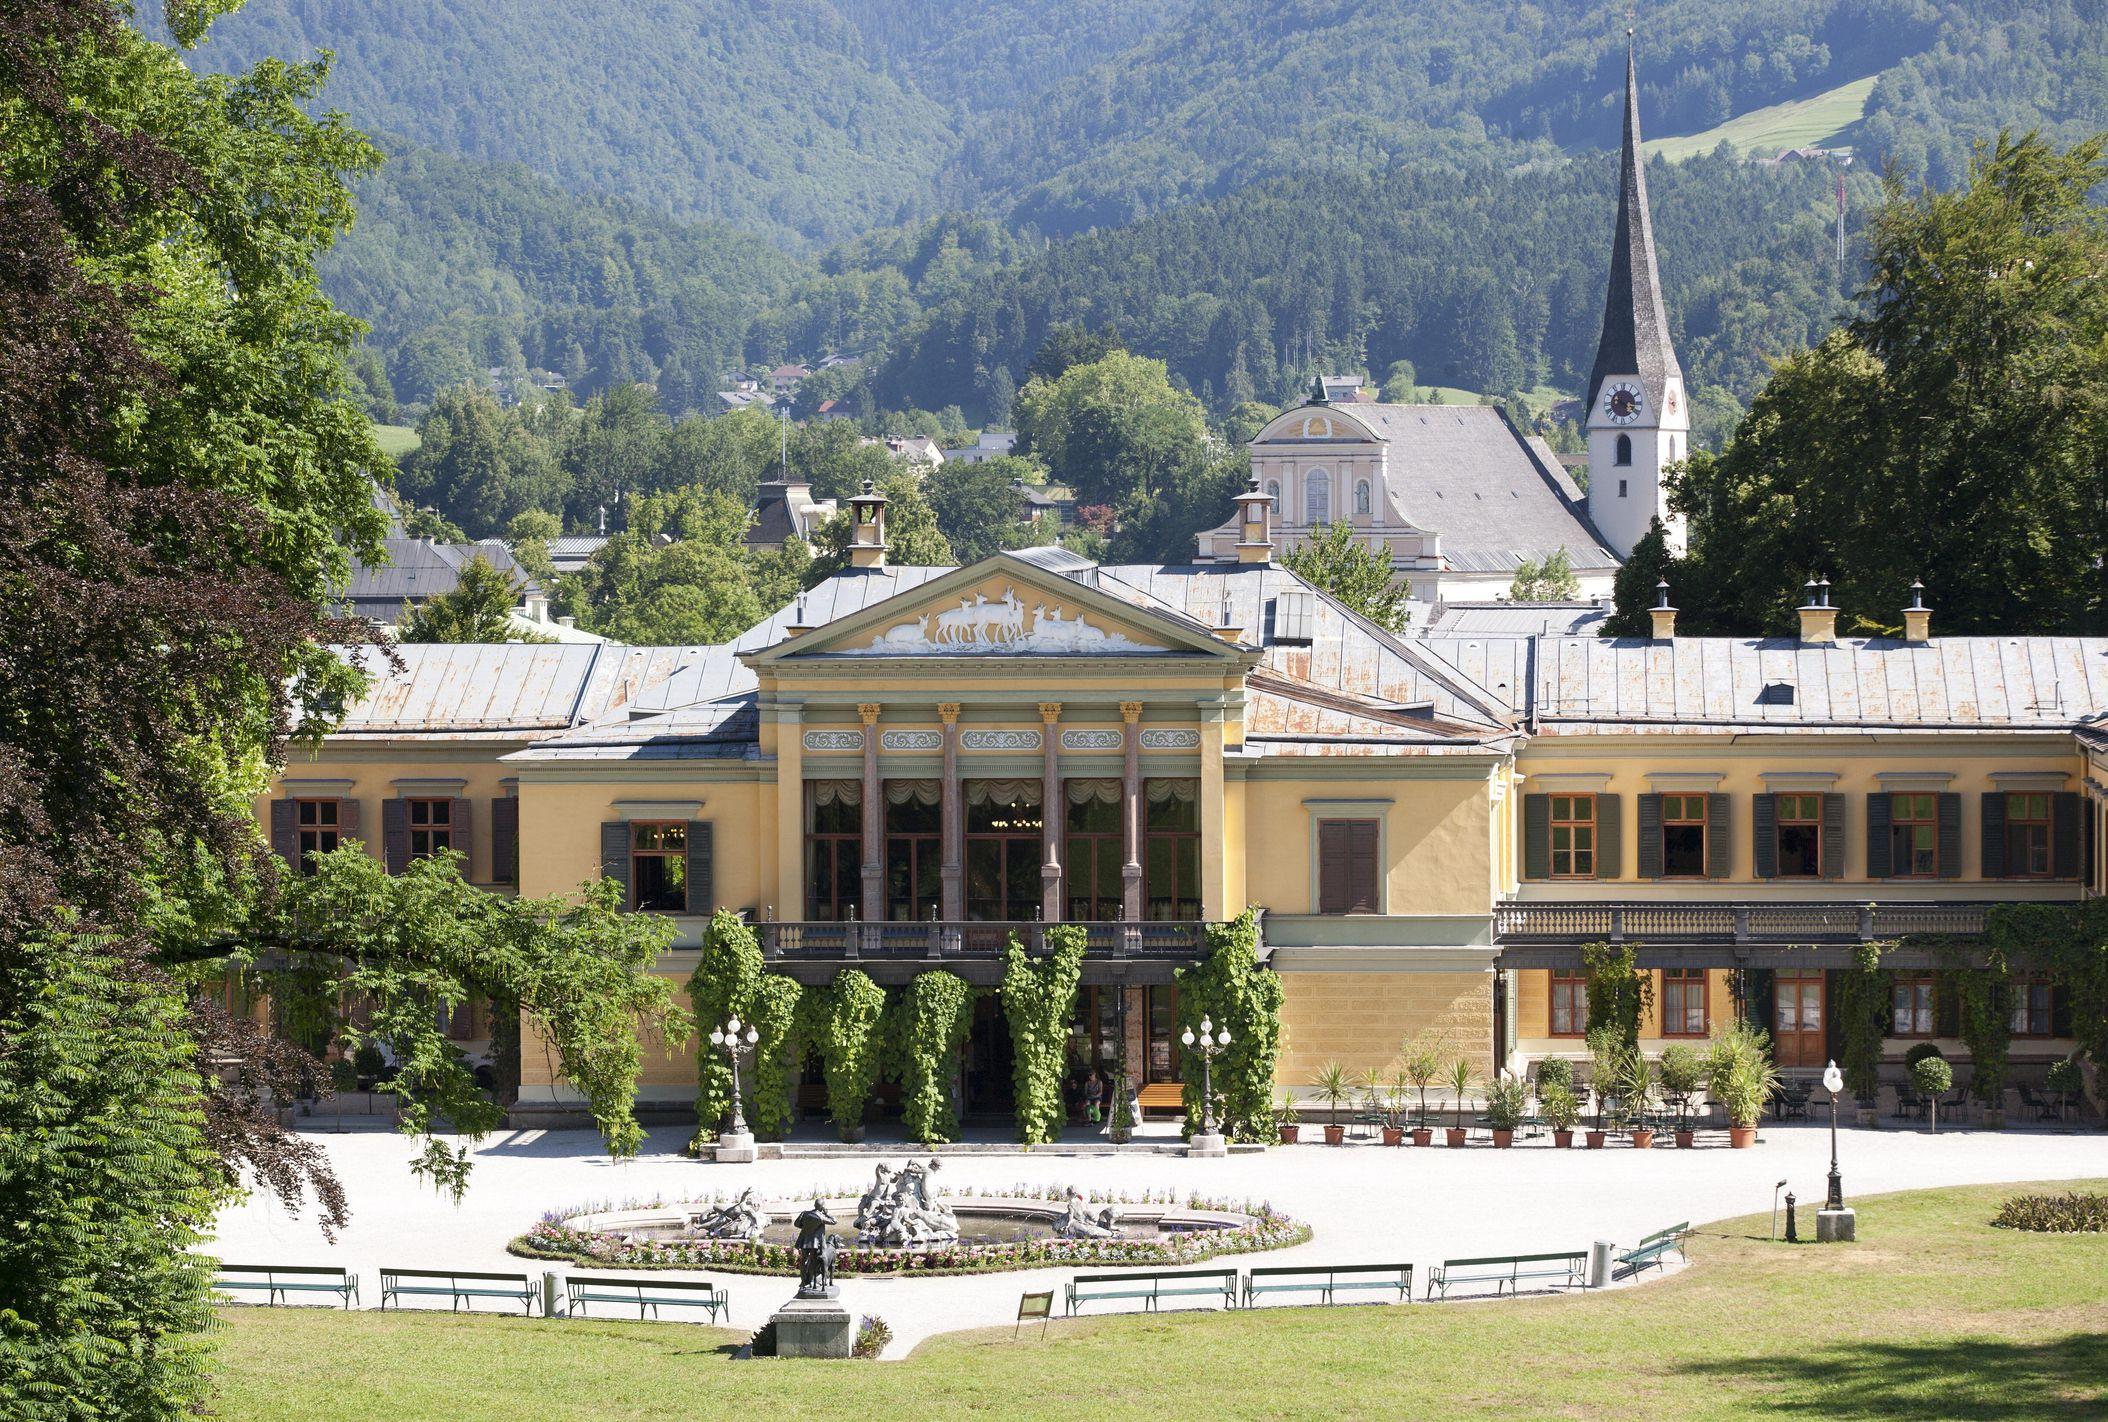 Kaiservilla in Bad Ischl, Austria